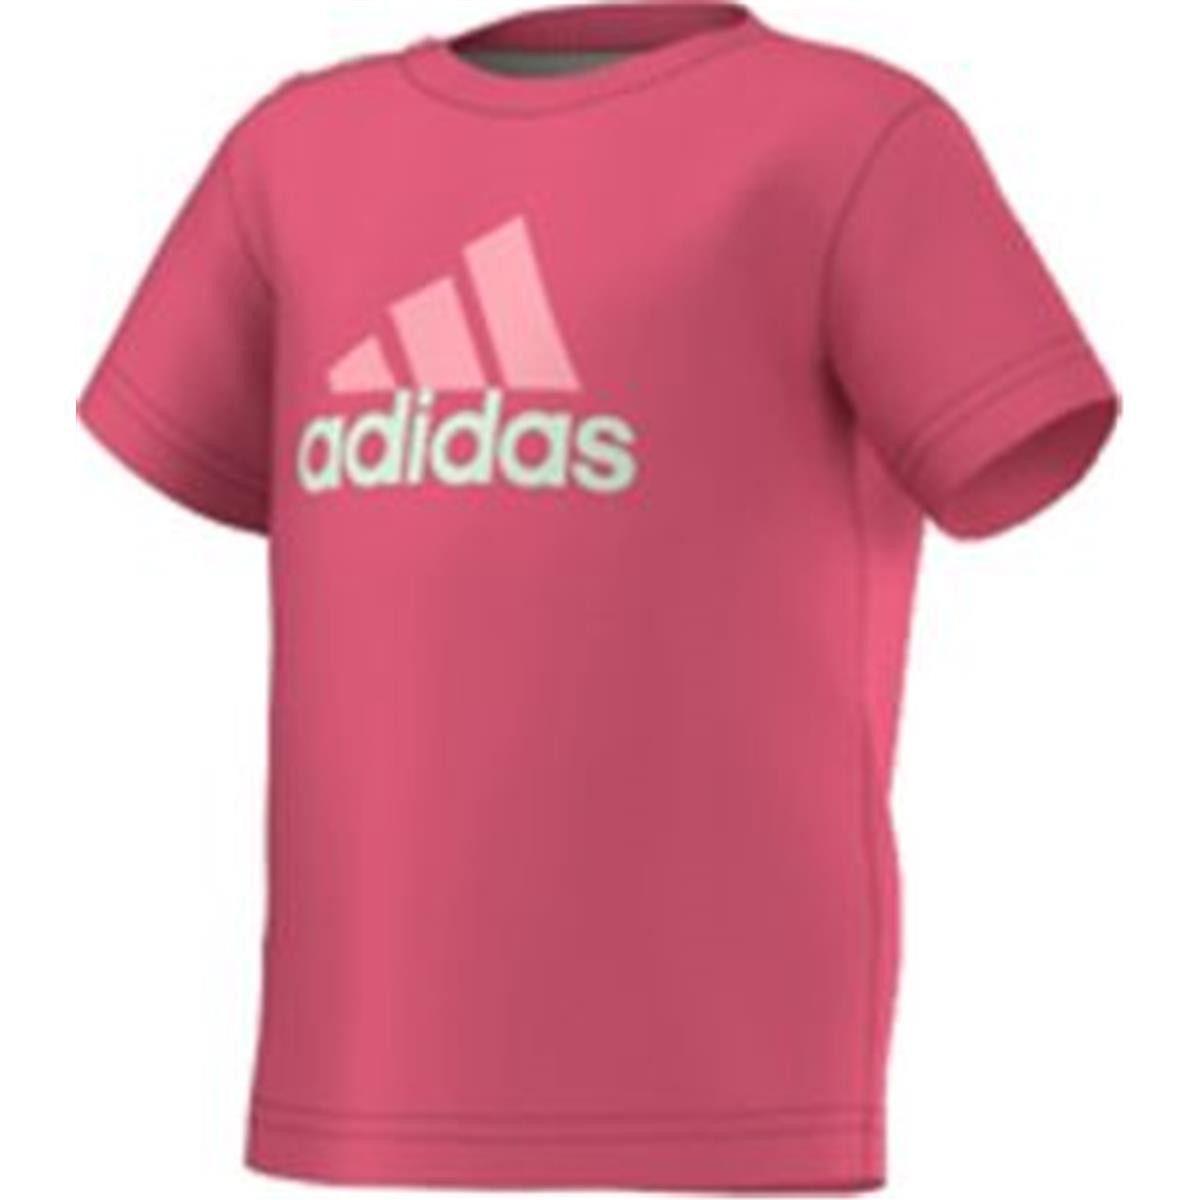 adidas 152 mädchen t shirt